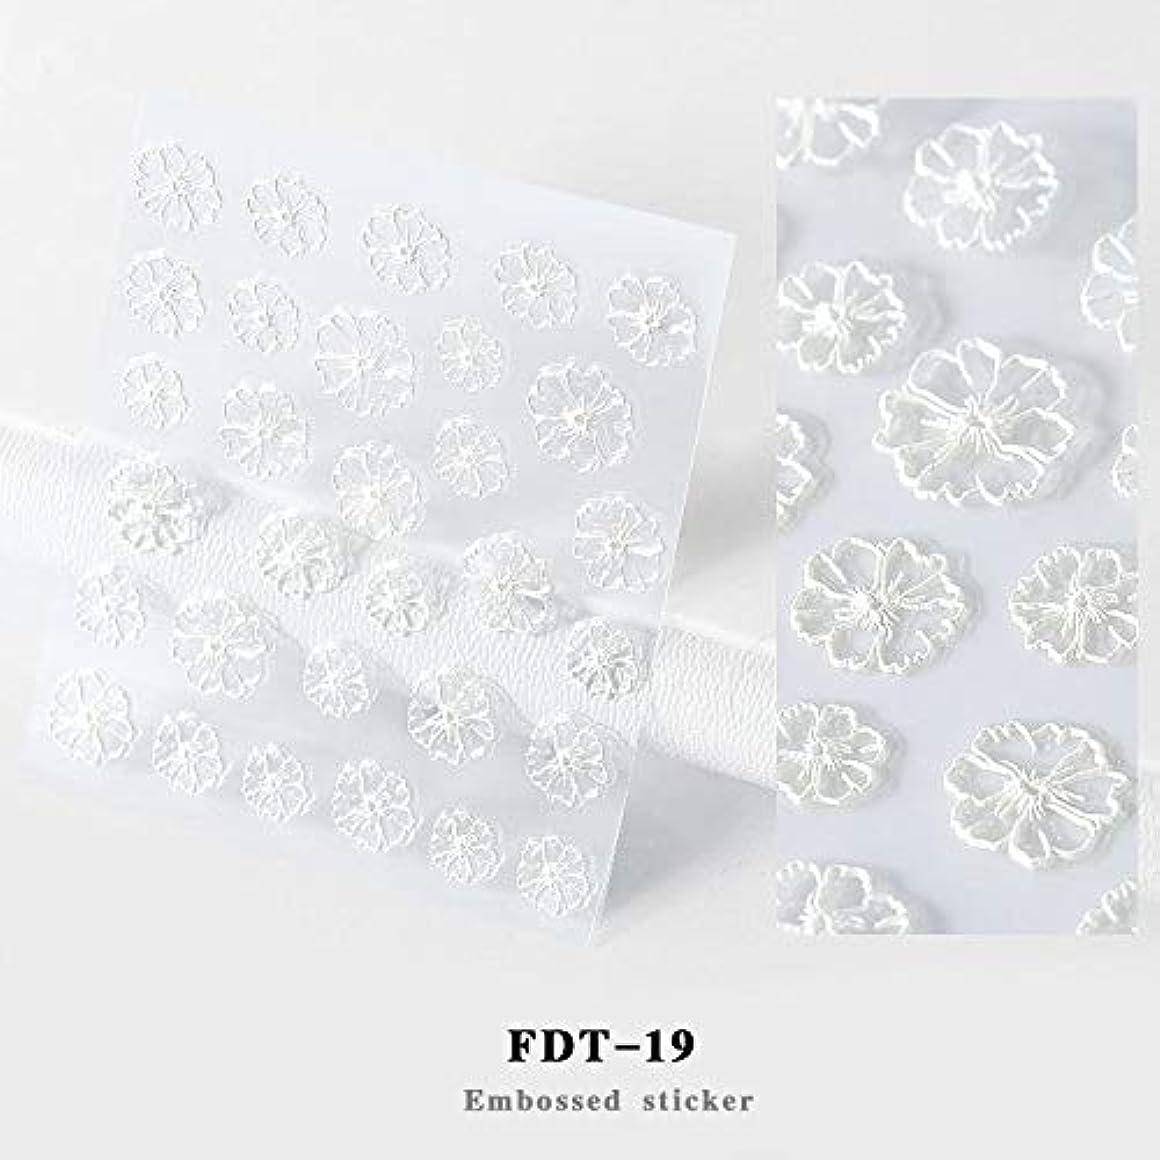 プレフィックス中庭告白するArtlalic 5D Acrylic Engraved Flower Nail Stickers Nail Decals Nail Design Nail Decoration Manicure Accessoires...